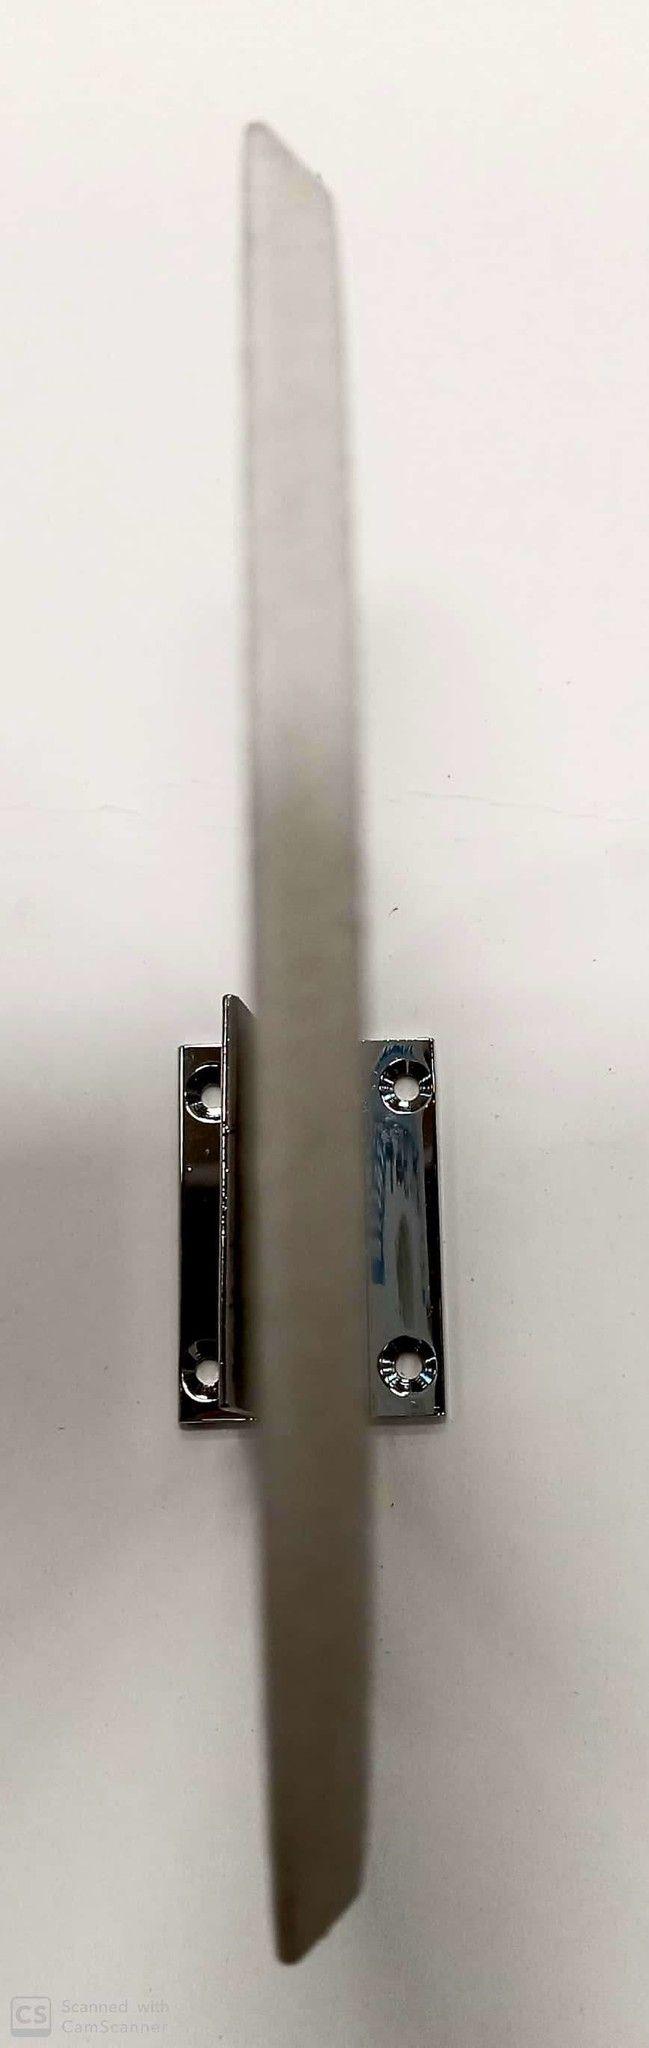 Mola abrasiva a smusso mm 150 x  6 foro 16 al corindone grana 80